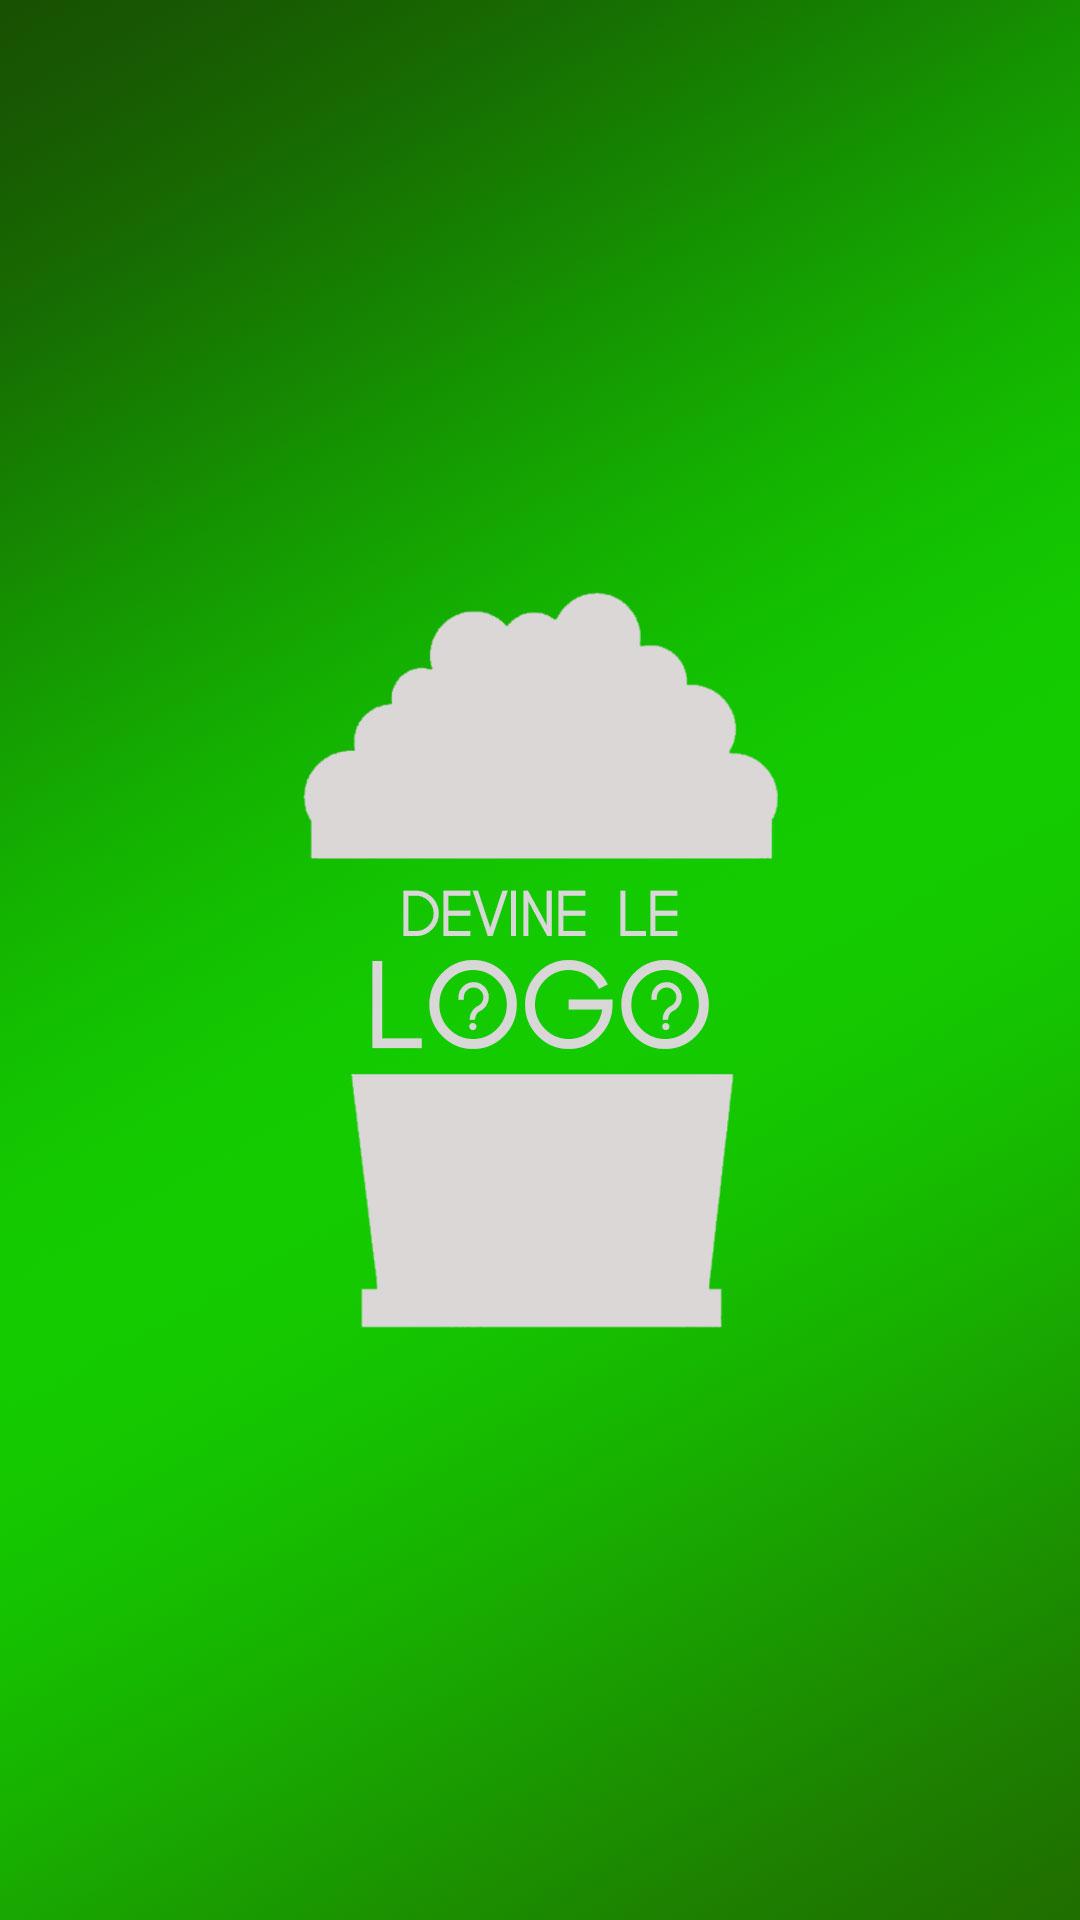 Devine Le Logo